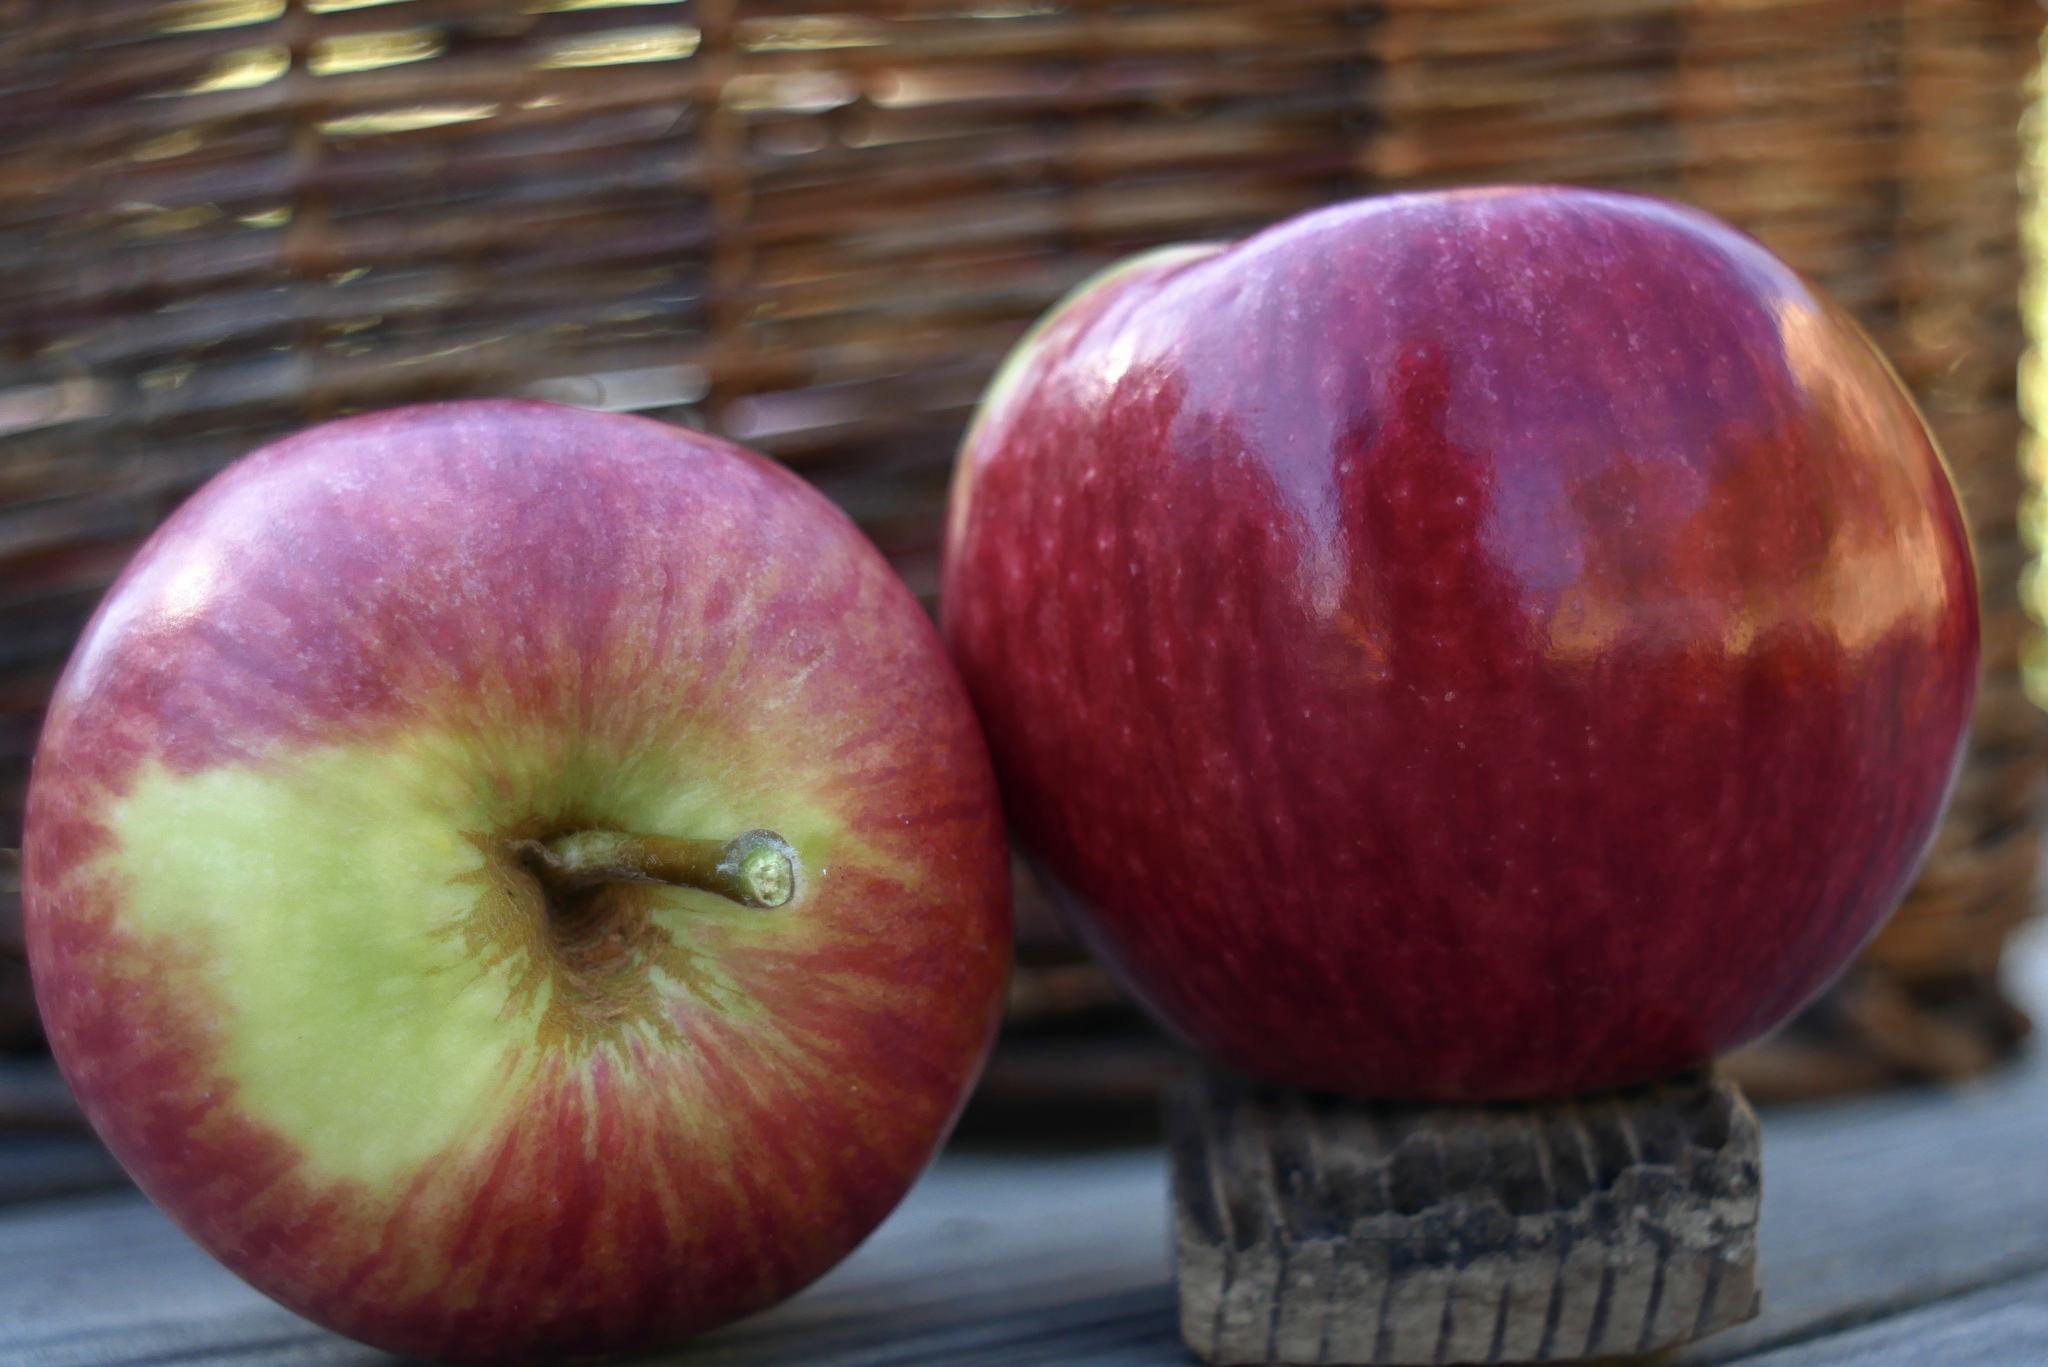 Sunrise Apple Variety